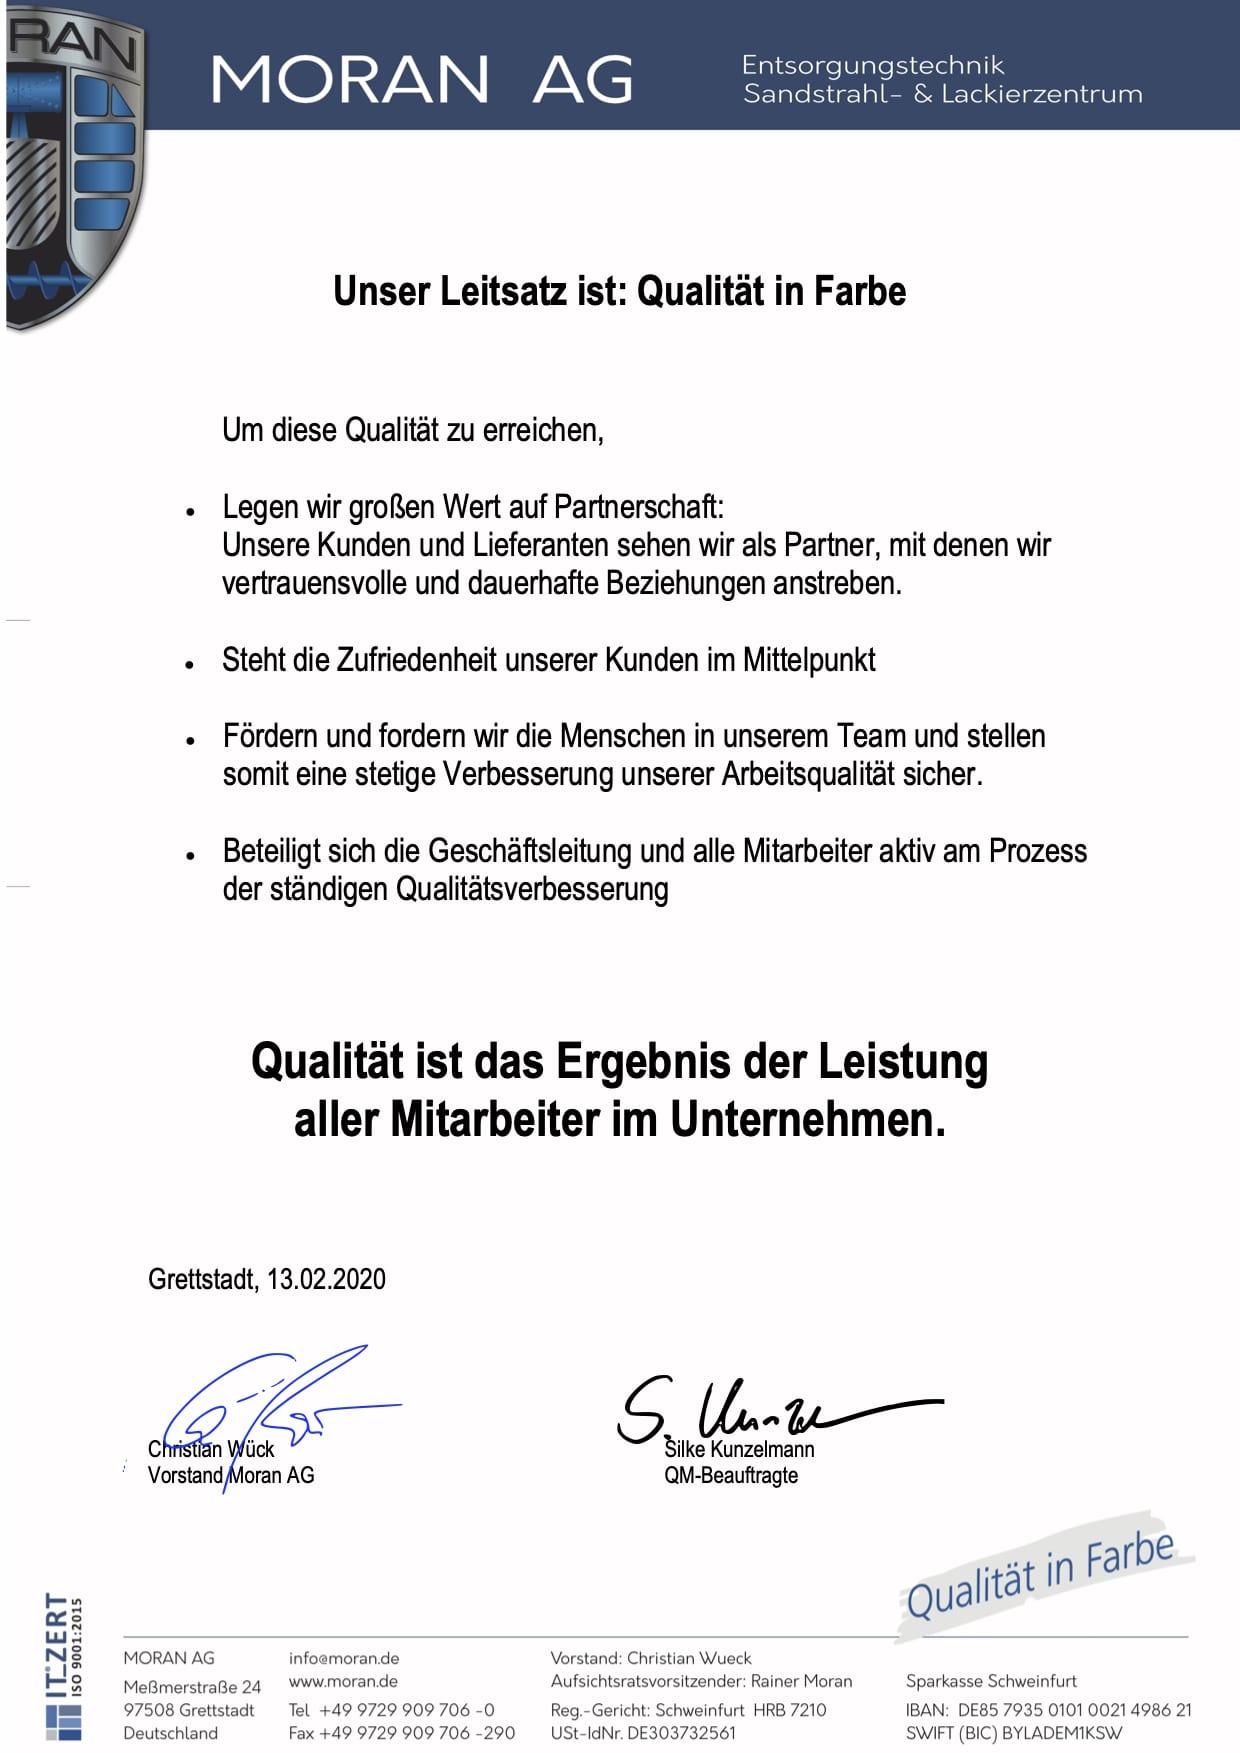 Qualitätspolitik